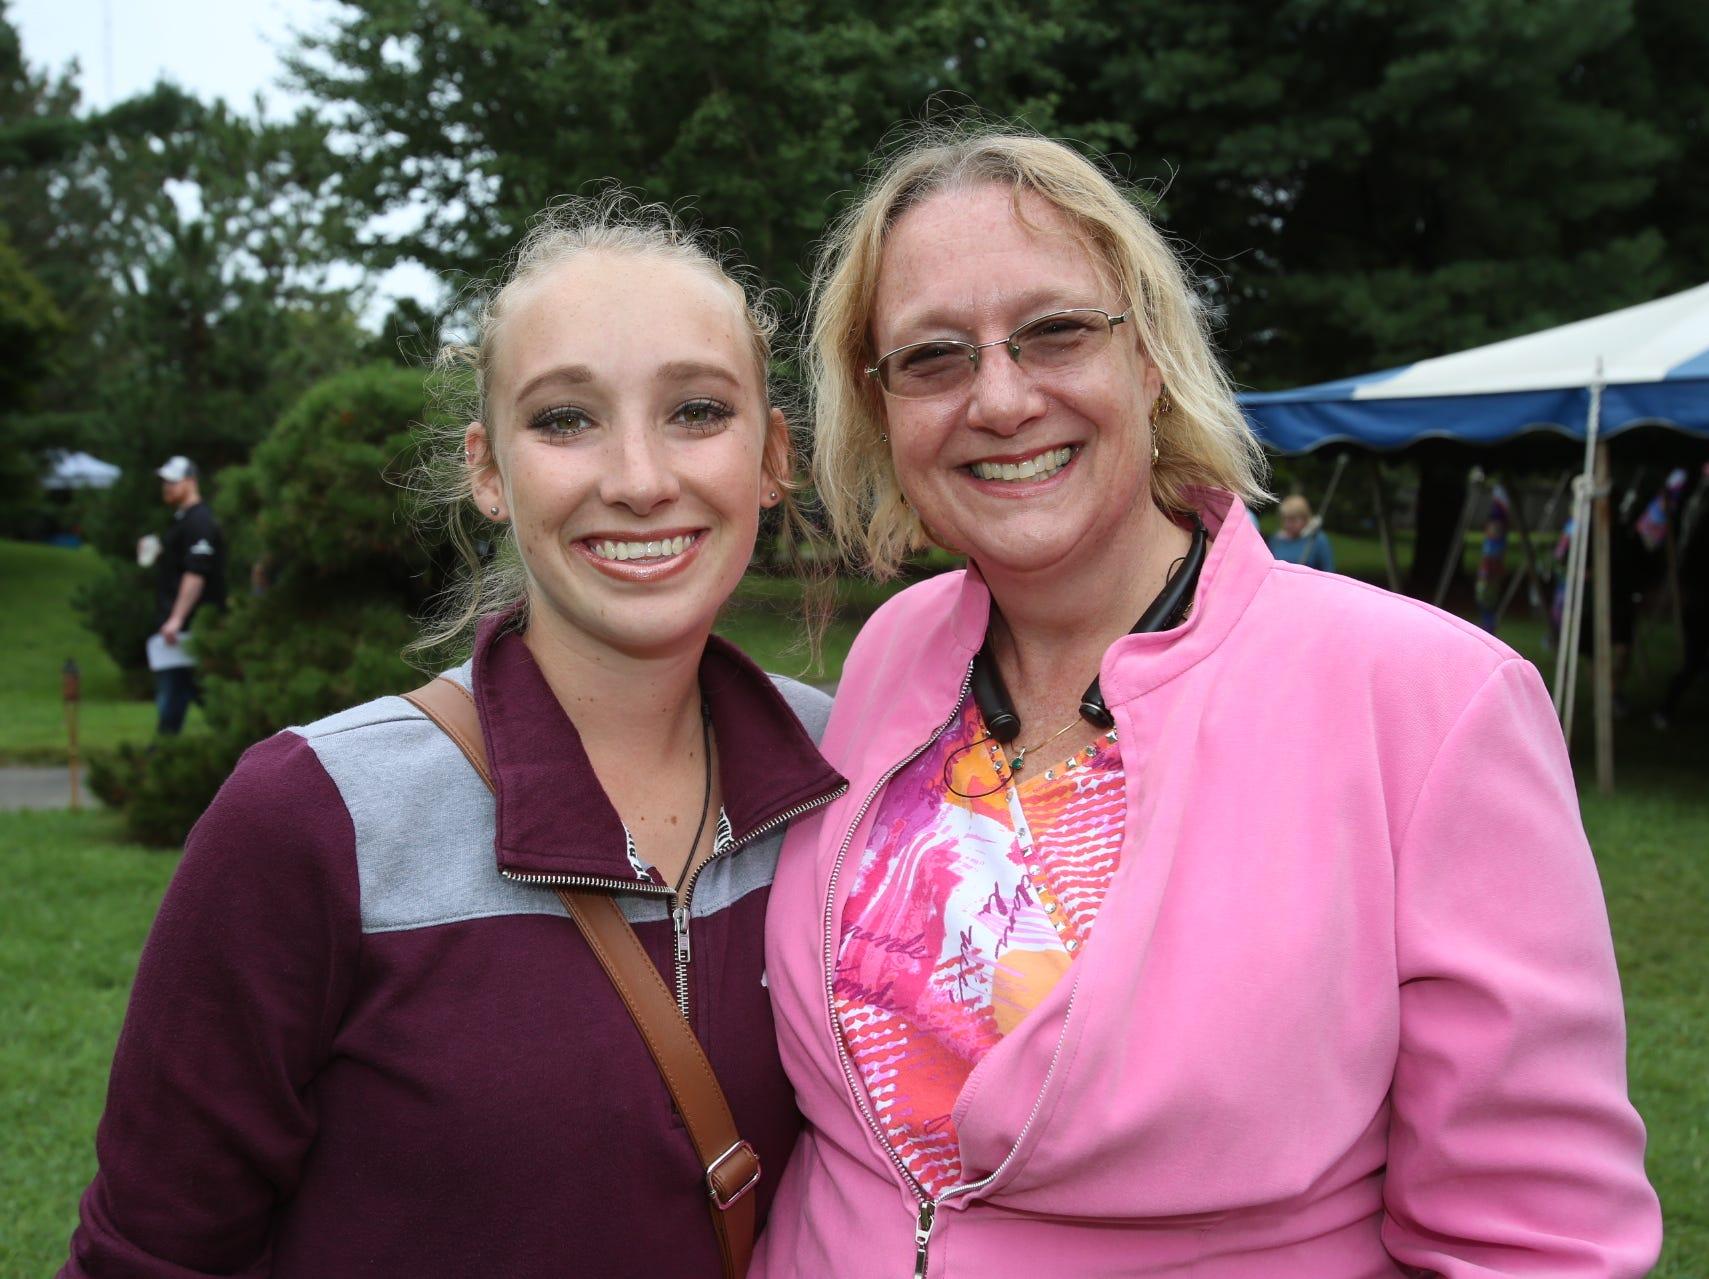 Jenny and Kathy Shipley